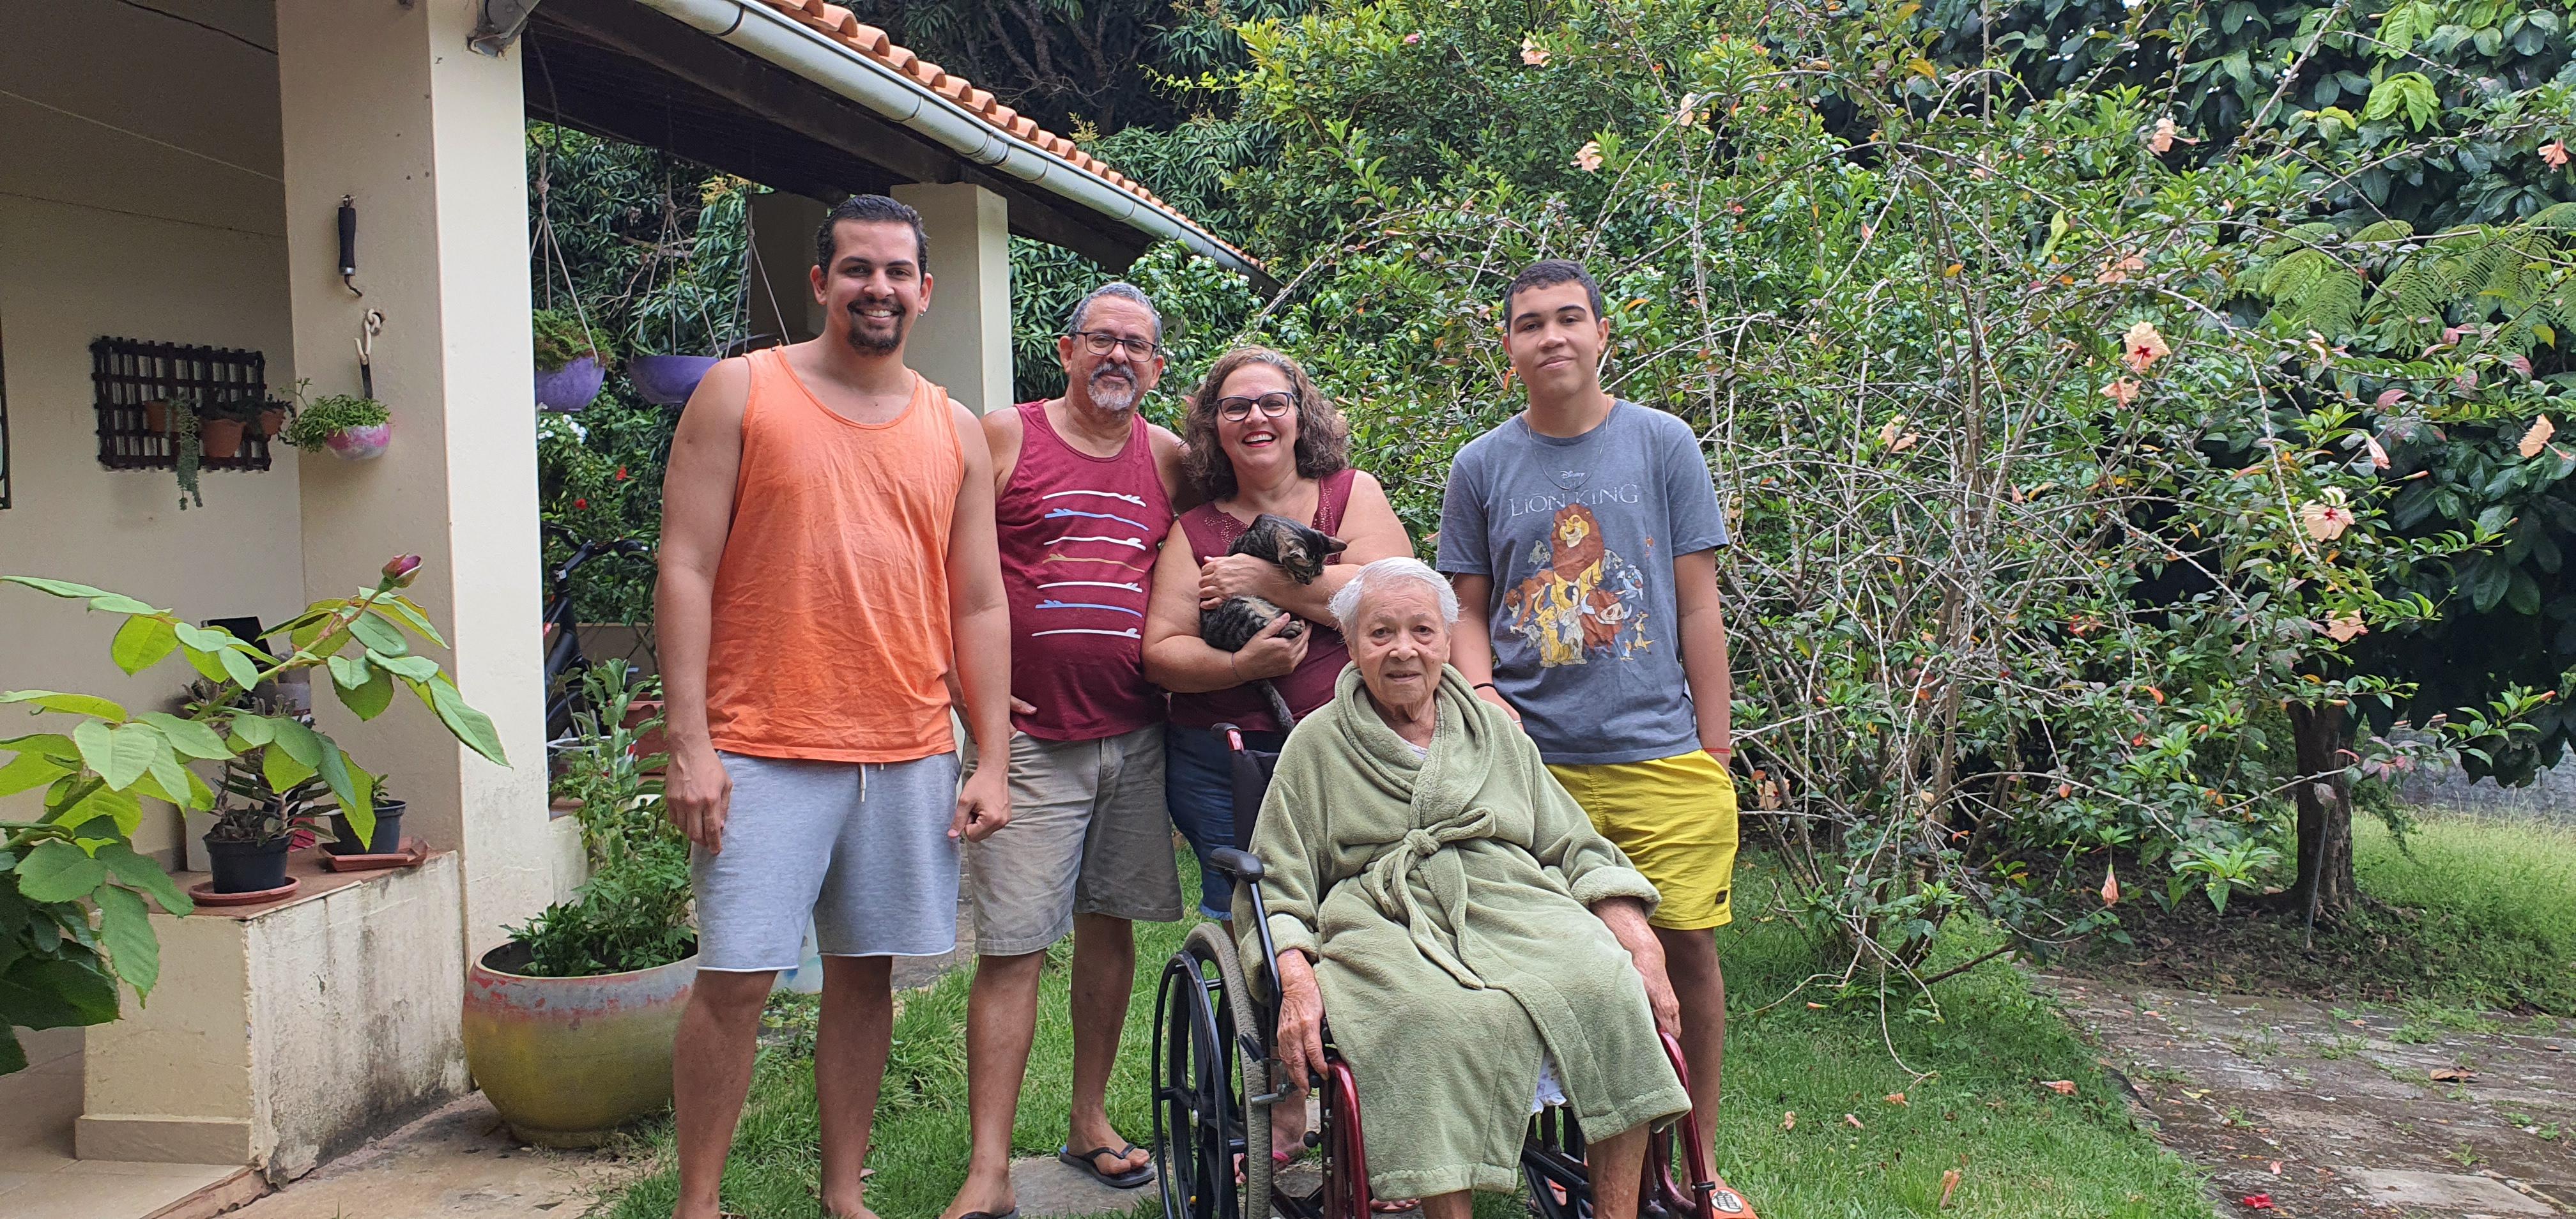 O professor Pedro Magalhães aprendeu a cuidar da avó de 87 anos para dividir as tarefas com a mãe dele